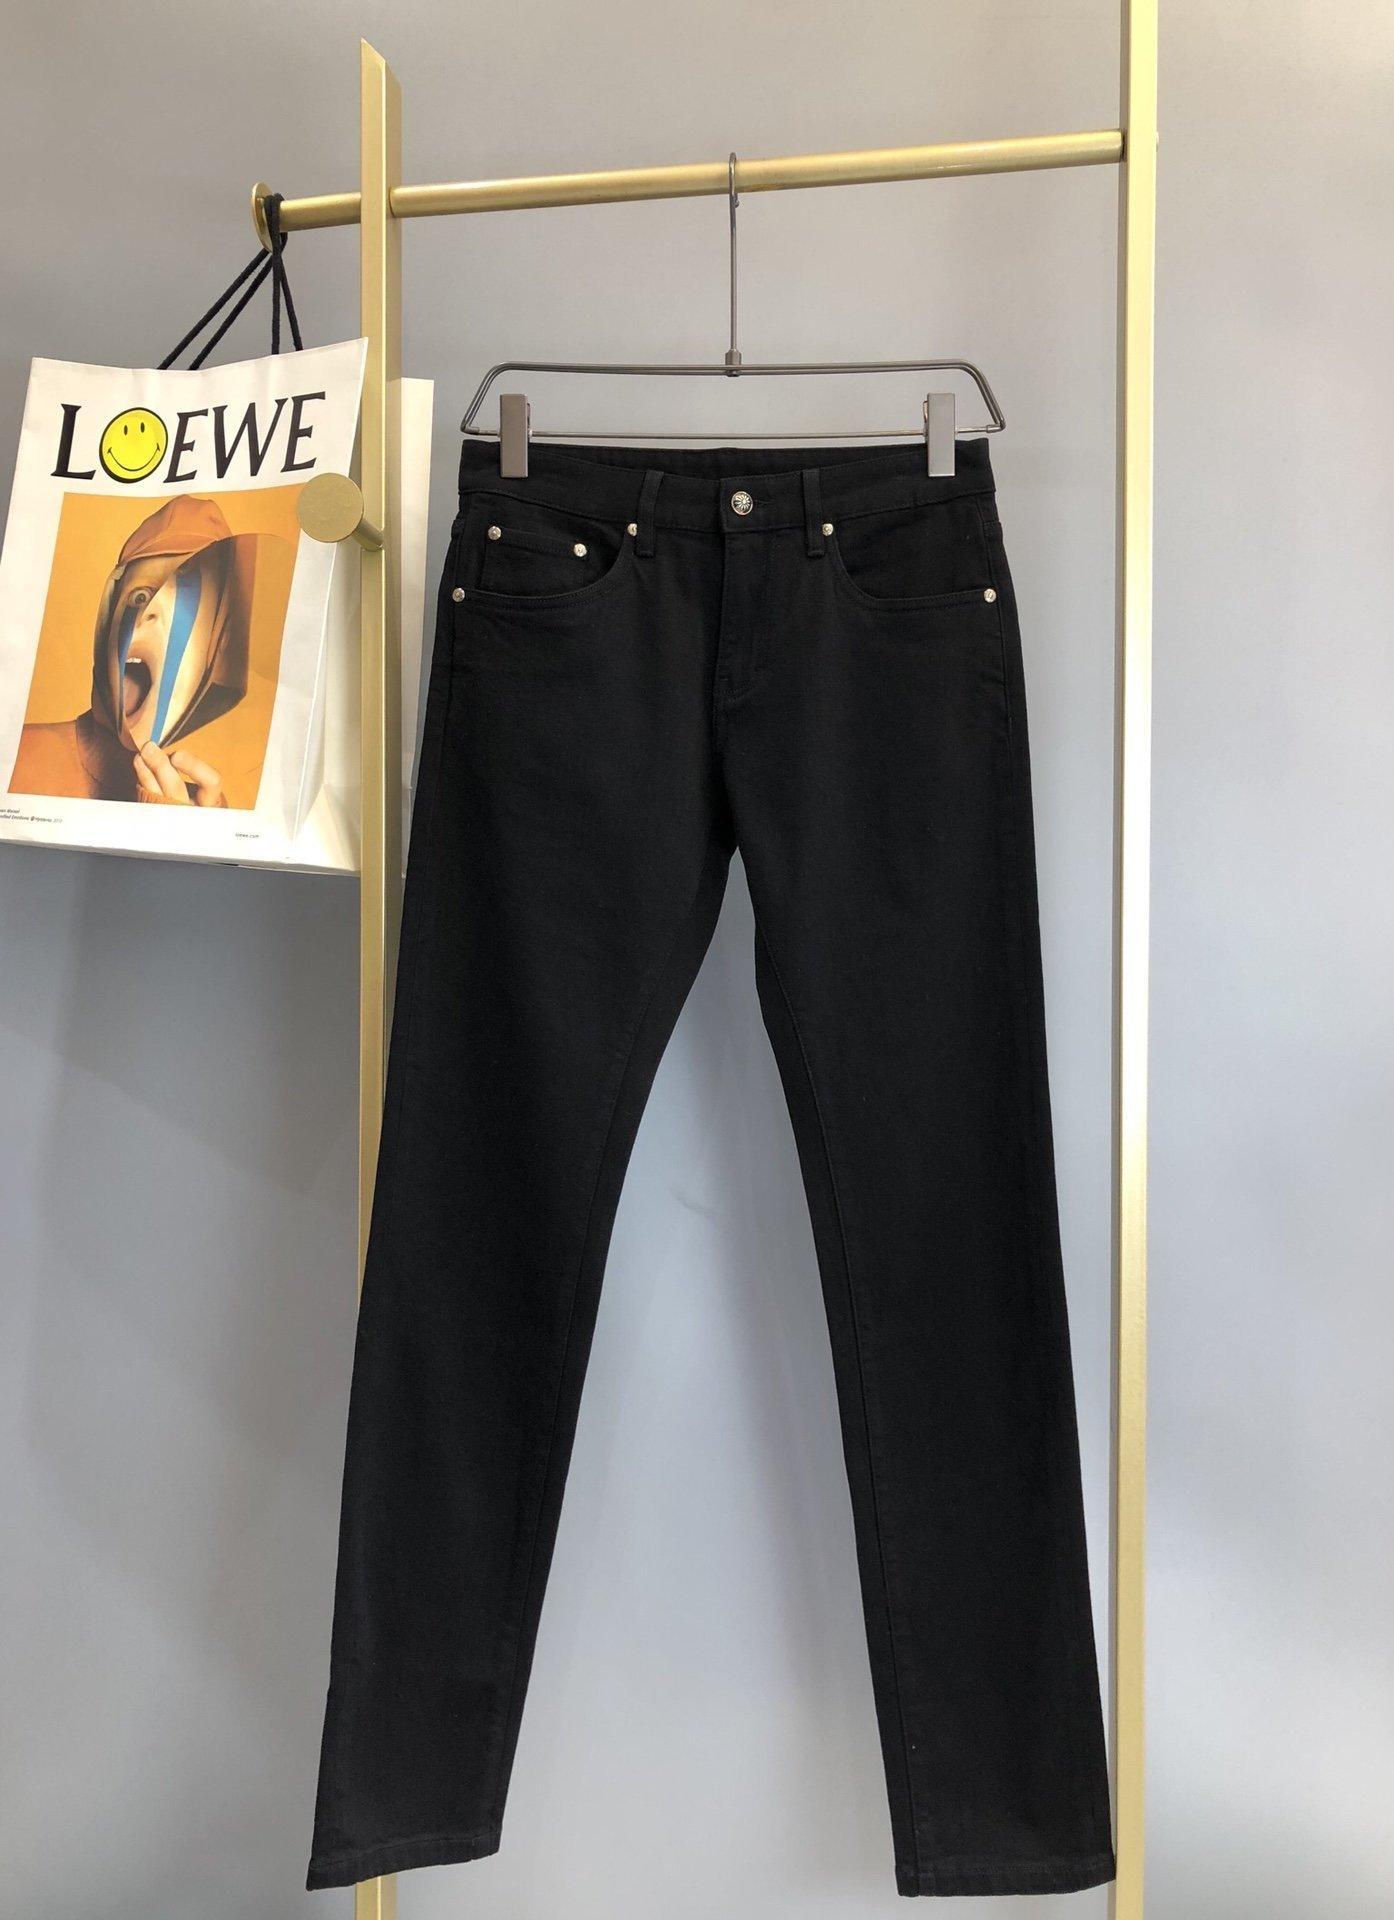 CROSIN CH / 20 Новые повседневные растягивающие штаны ноги CH Slim Fit Jeans для мужчин и женщин